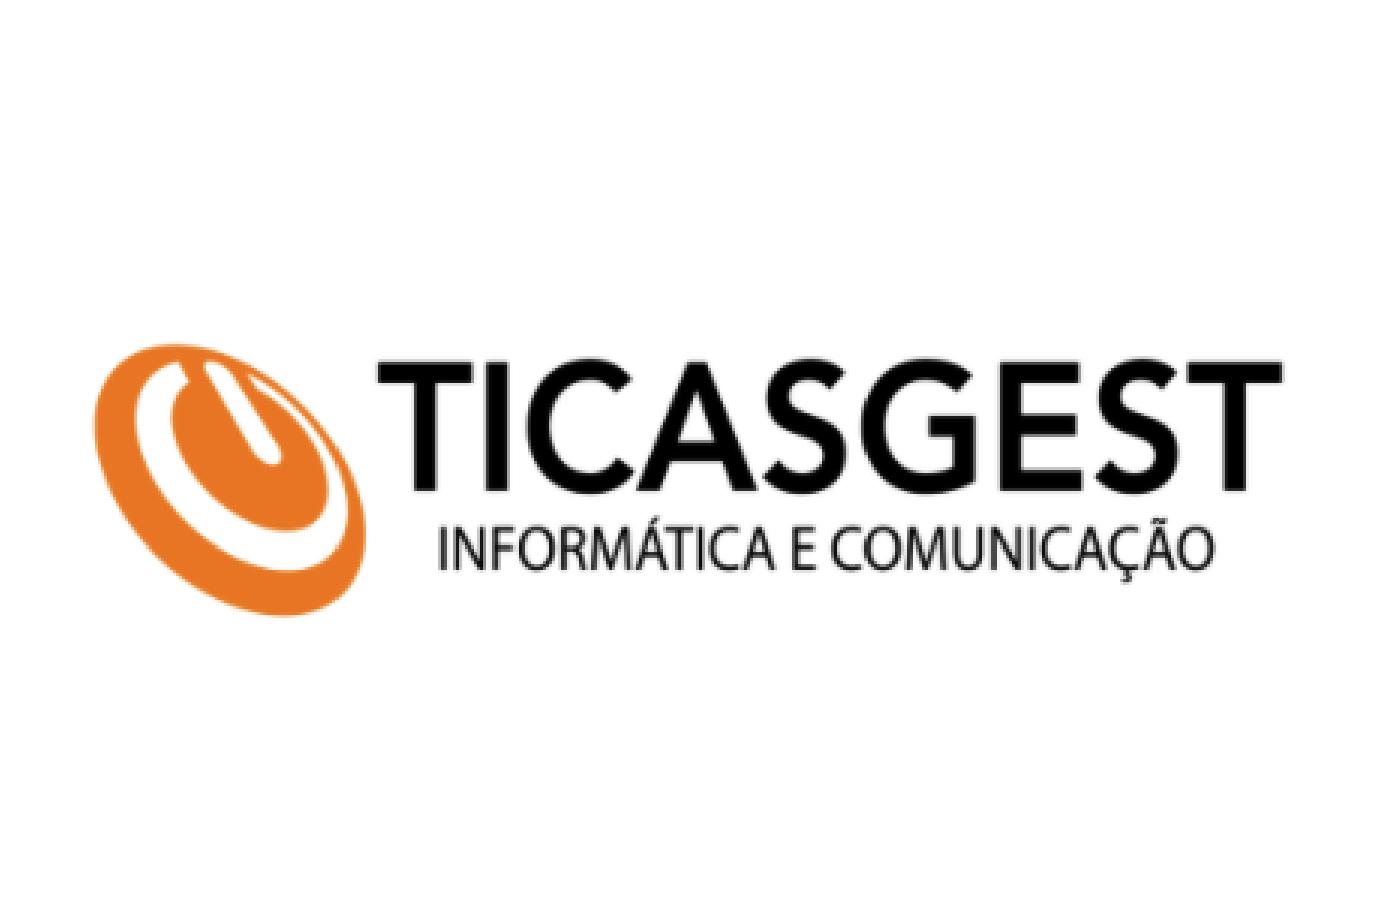 TICASGEST informática e comunicação